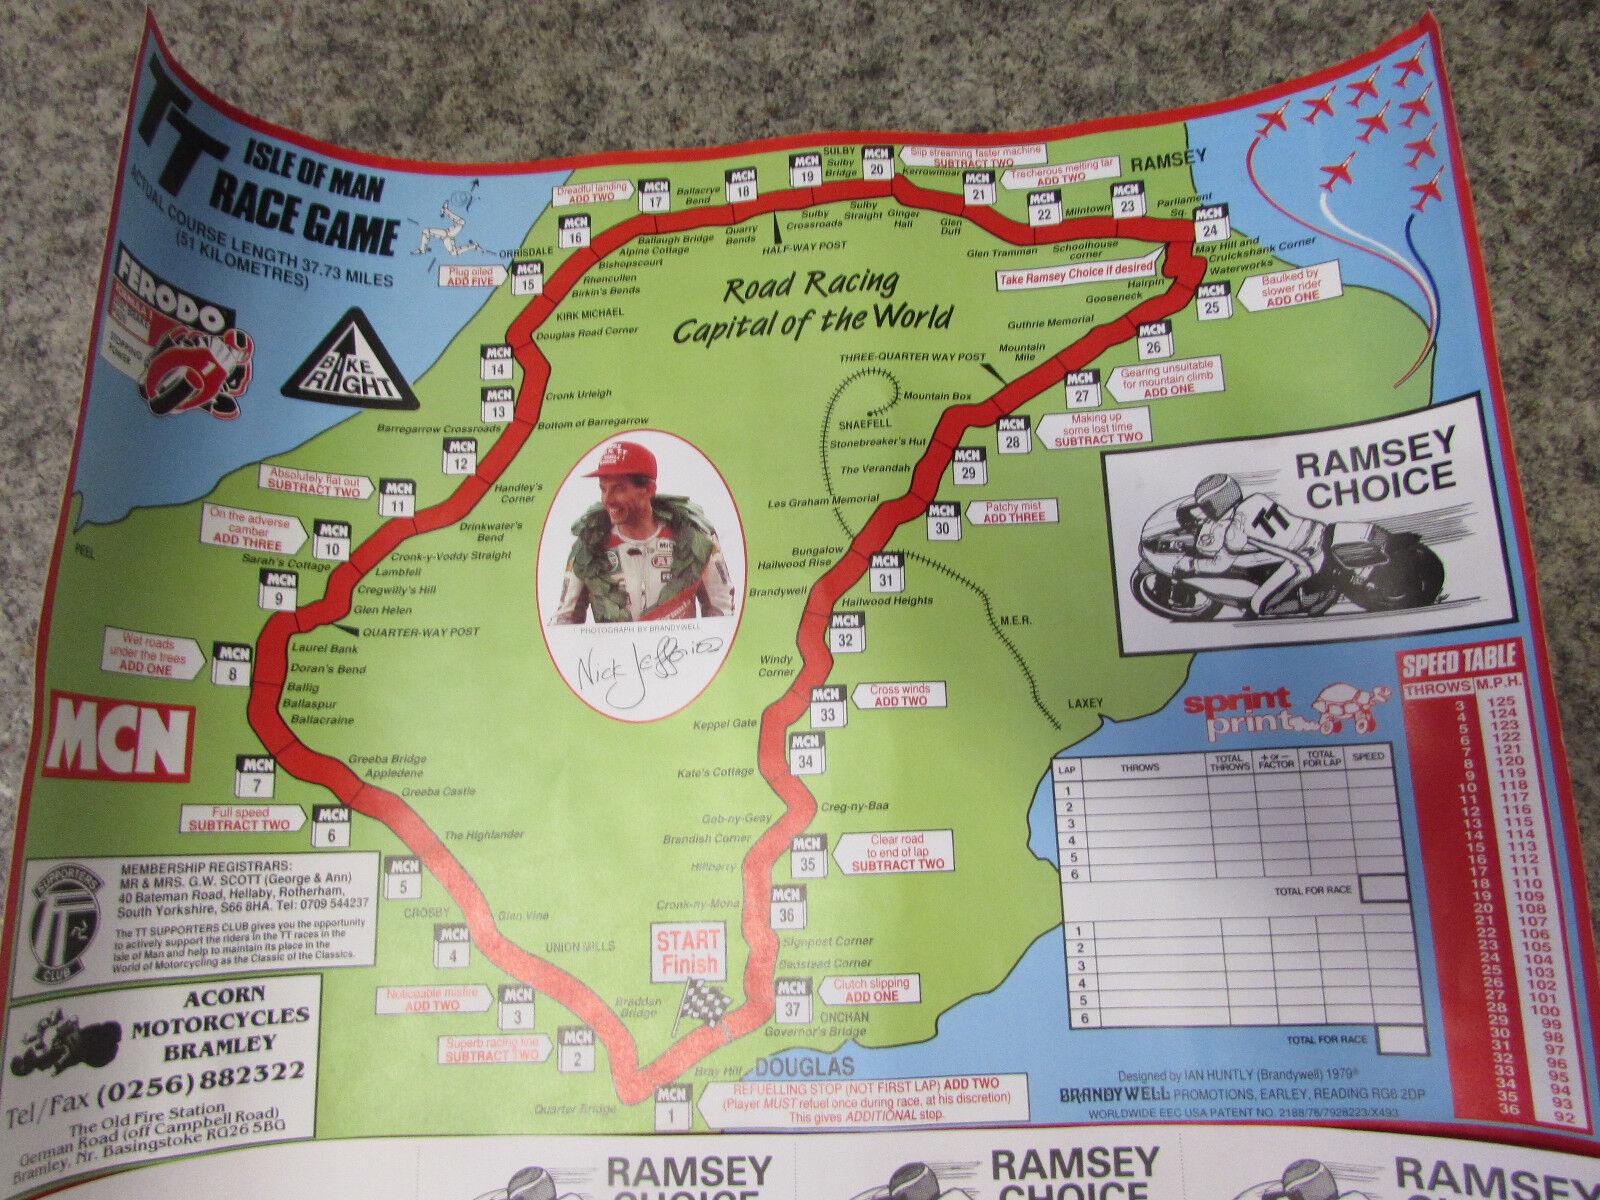 V.RARE 1979 IAN HUNTLY (BRANDYWELL) ISLE OF MAN TT TT TT RACE GAME ONLY SOLD AT TT RAC 913d9b